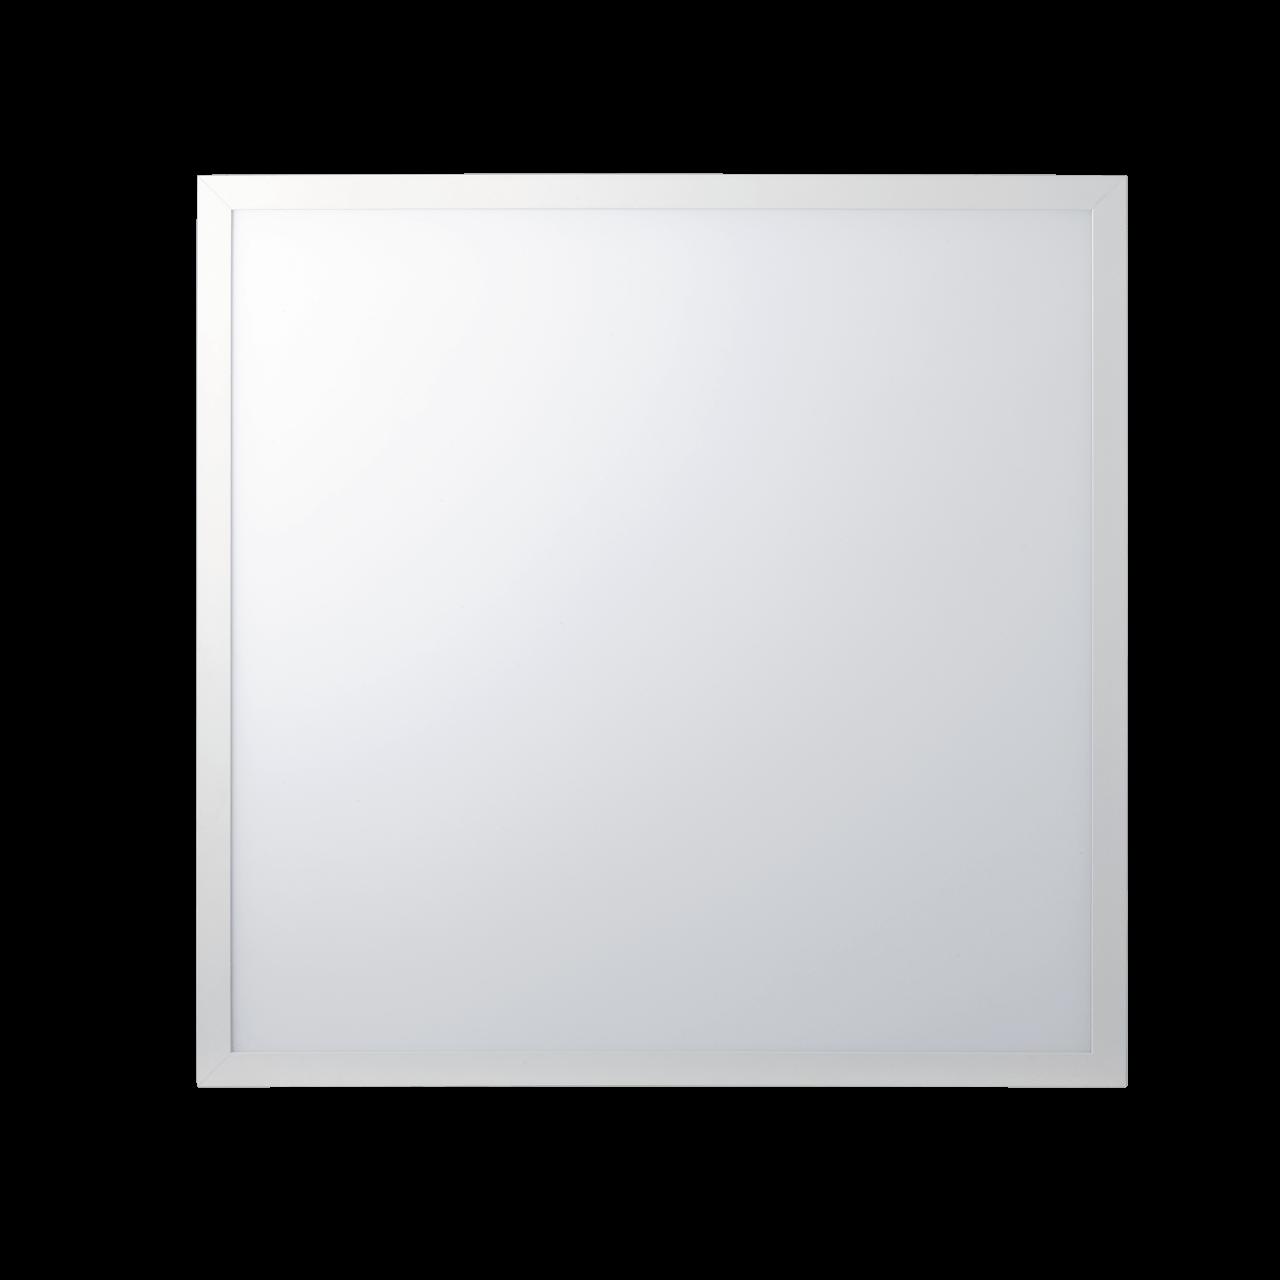 Светодиодный встраиваемый светильник Ilumia 40Вт, 595x595x15мм, 6000К (холодный белый), 3000Лм (025)